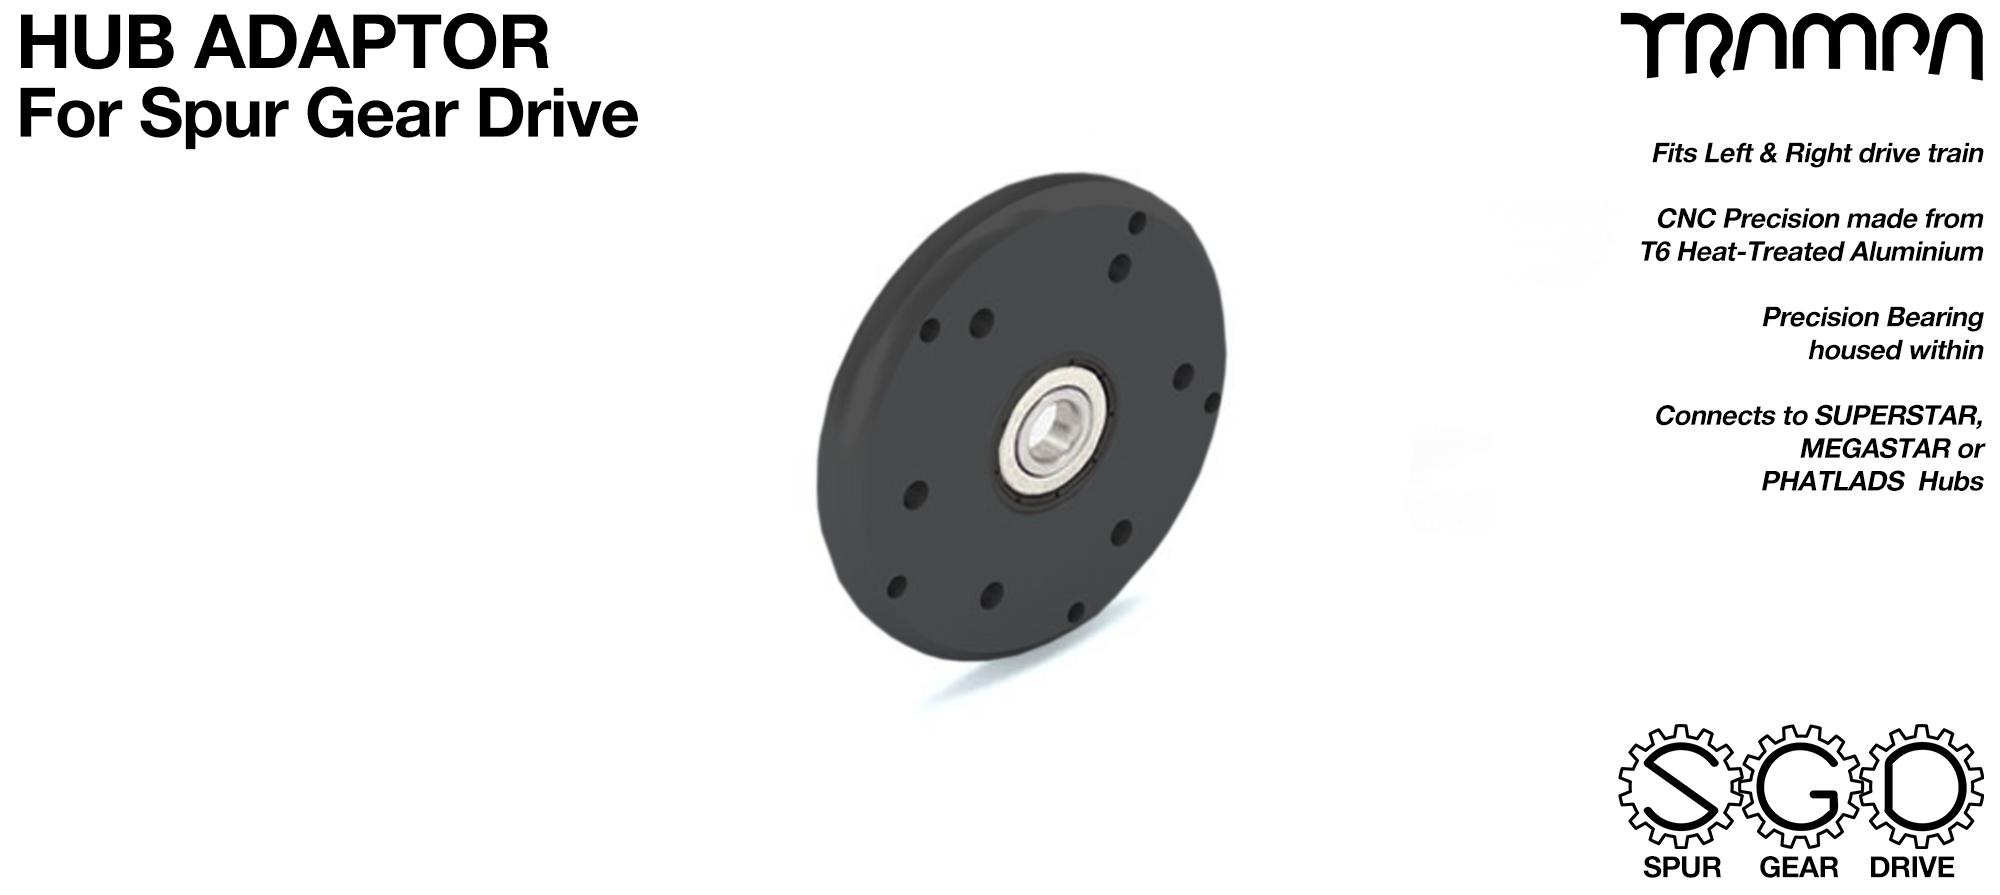 MKII Spur Gear Drive Hub Adaptor